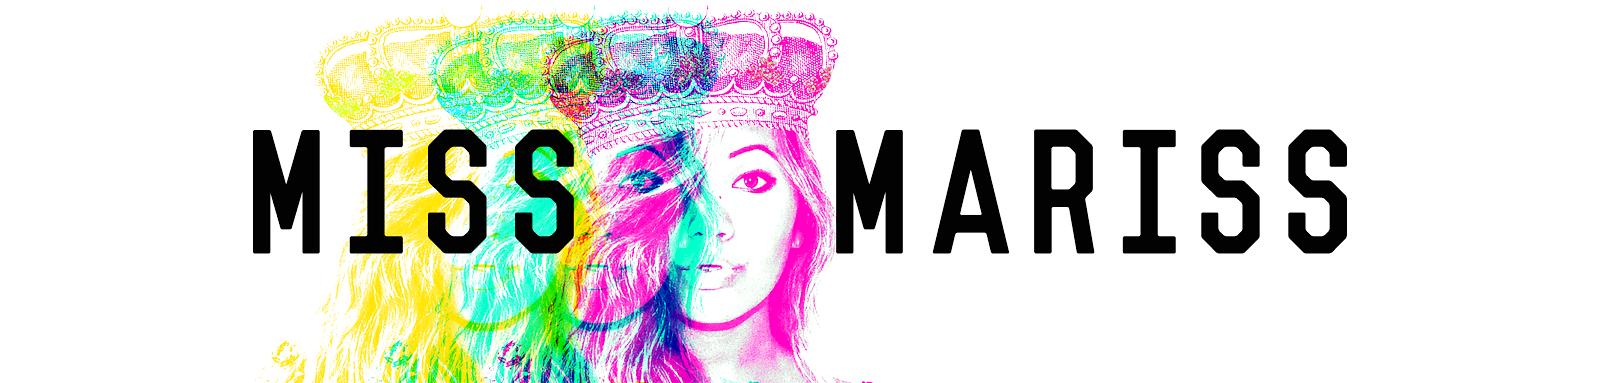 miss mariss